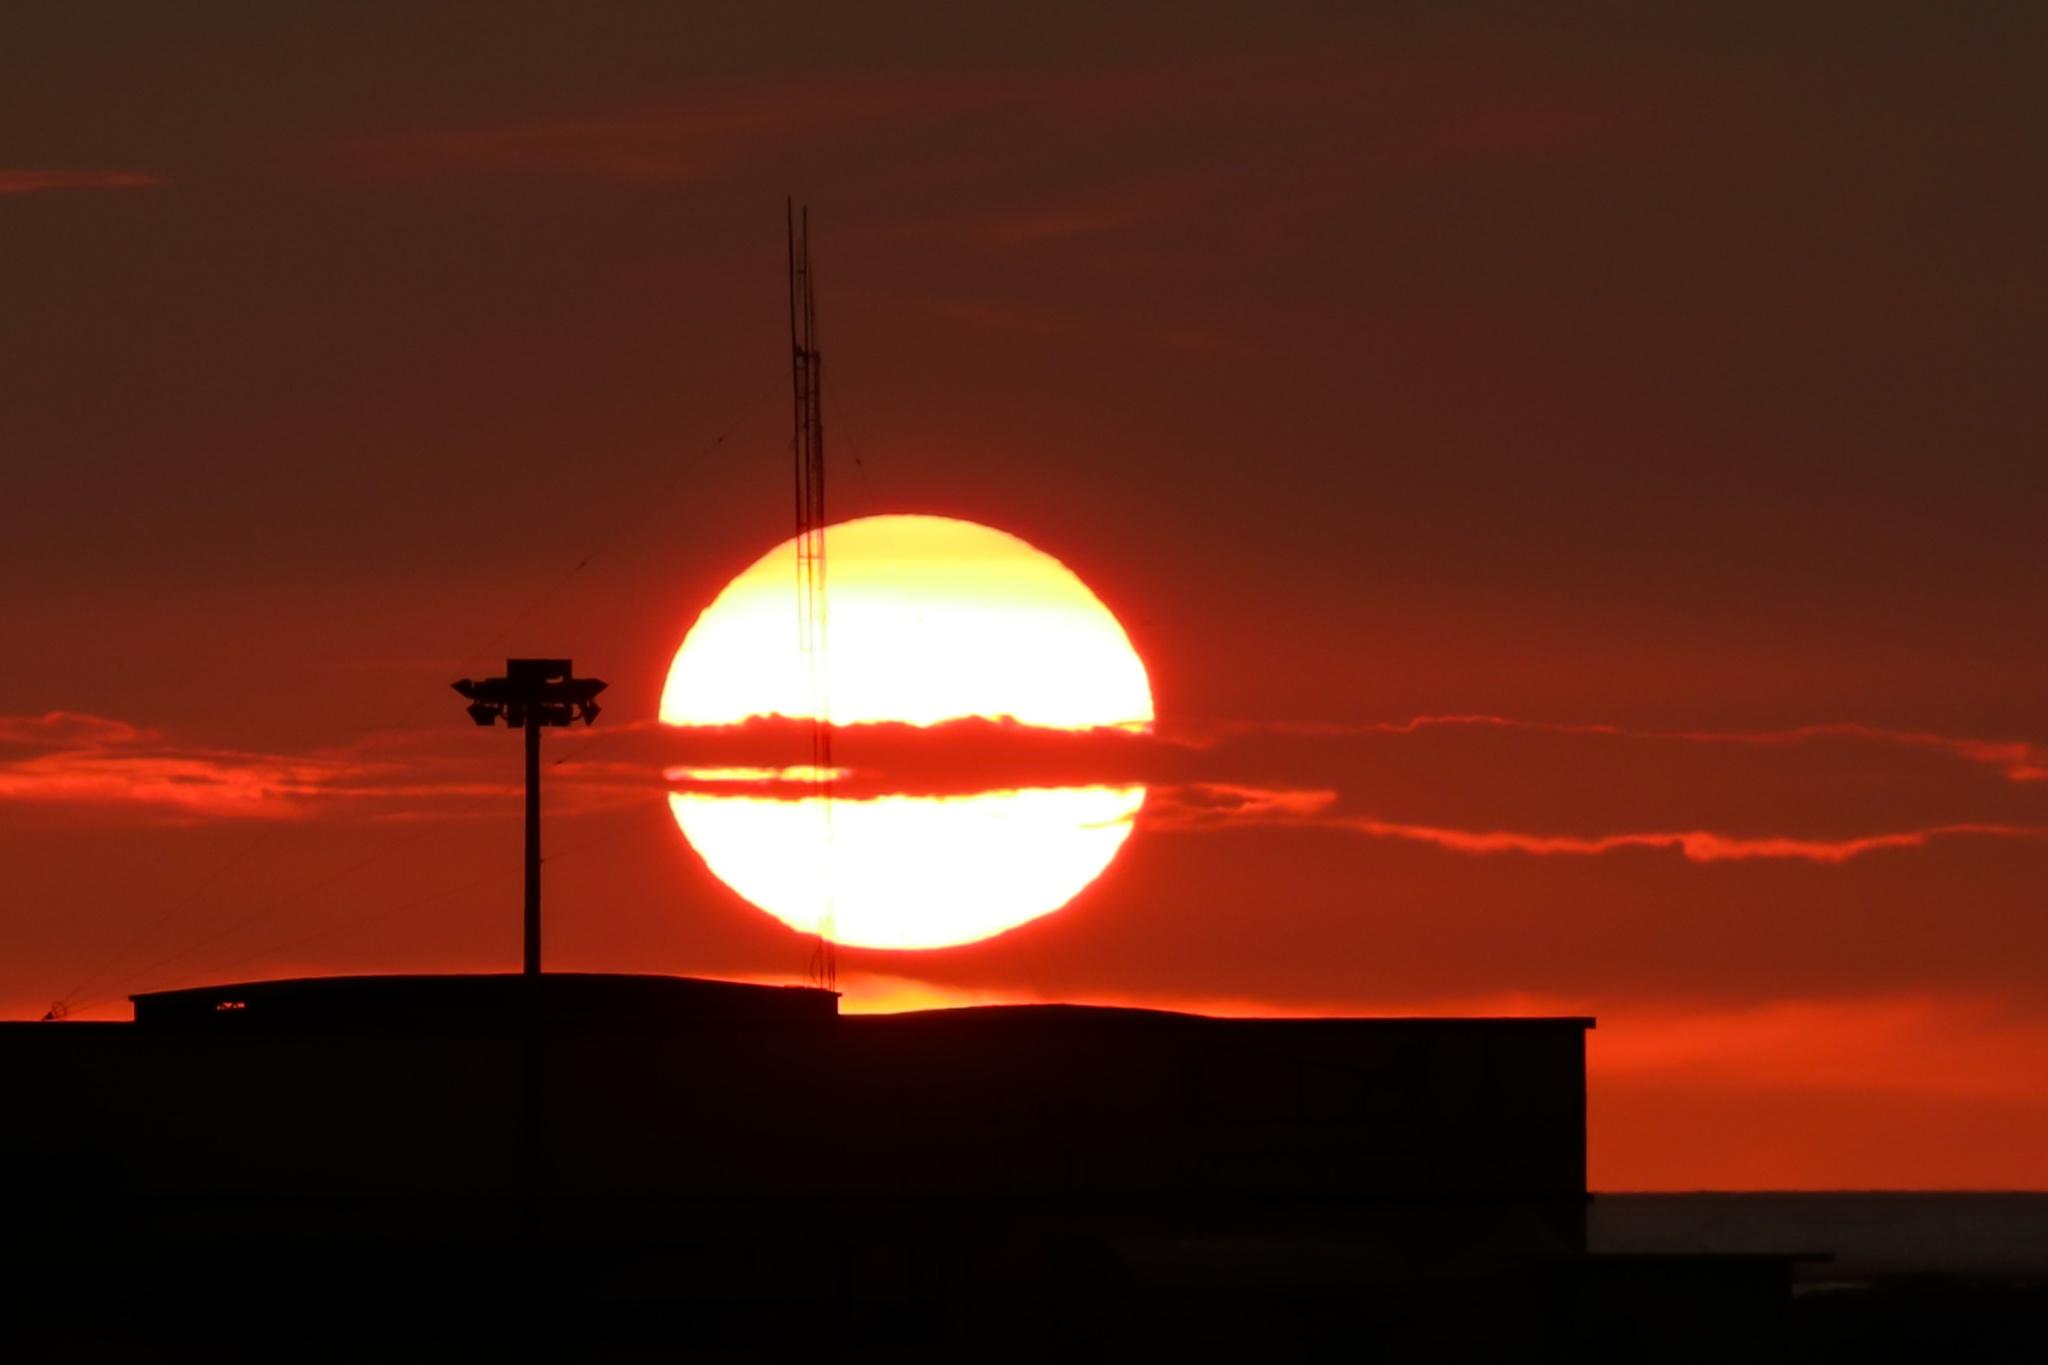 Sunset by jsiras